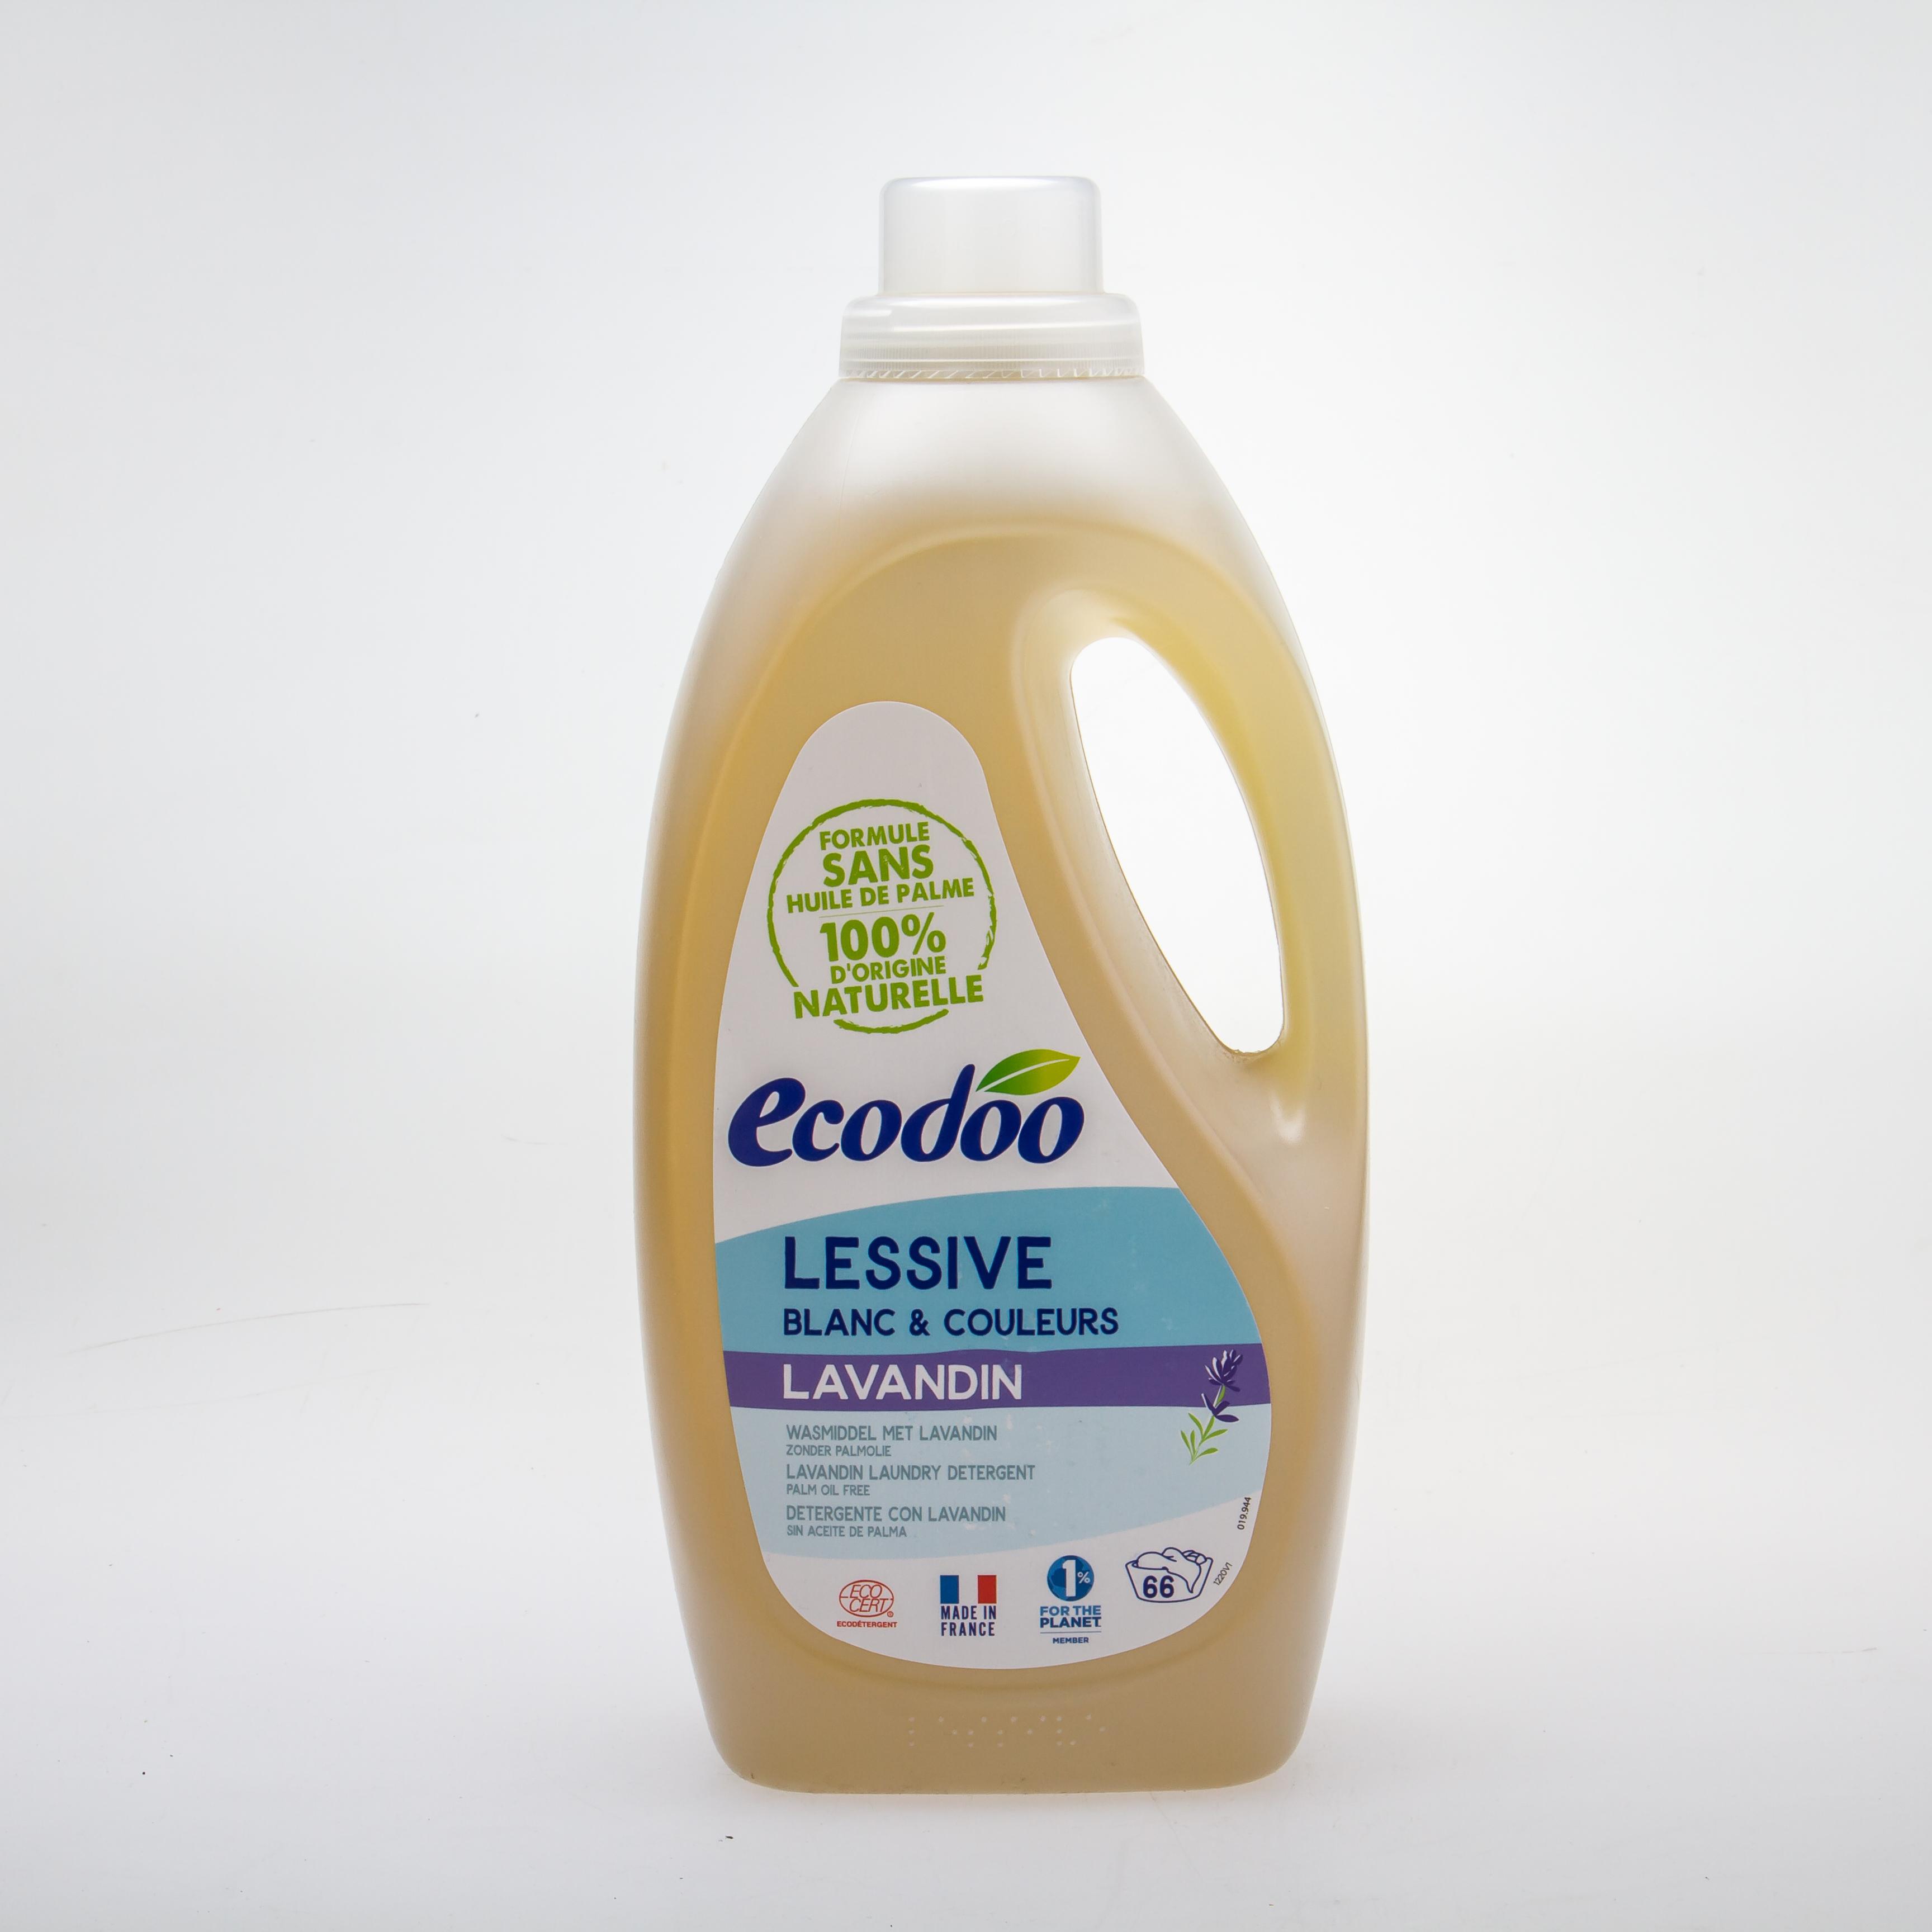 Ecodoo Органічний рідкий пральний засіб «Лаванда» 2L - купить в интернет-магазине Юнимед